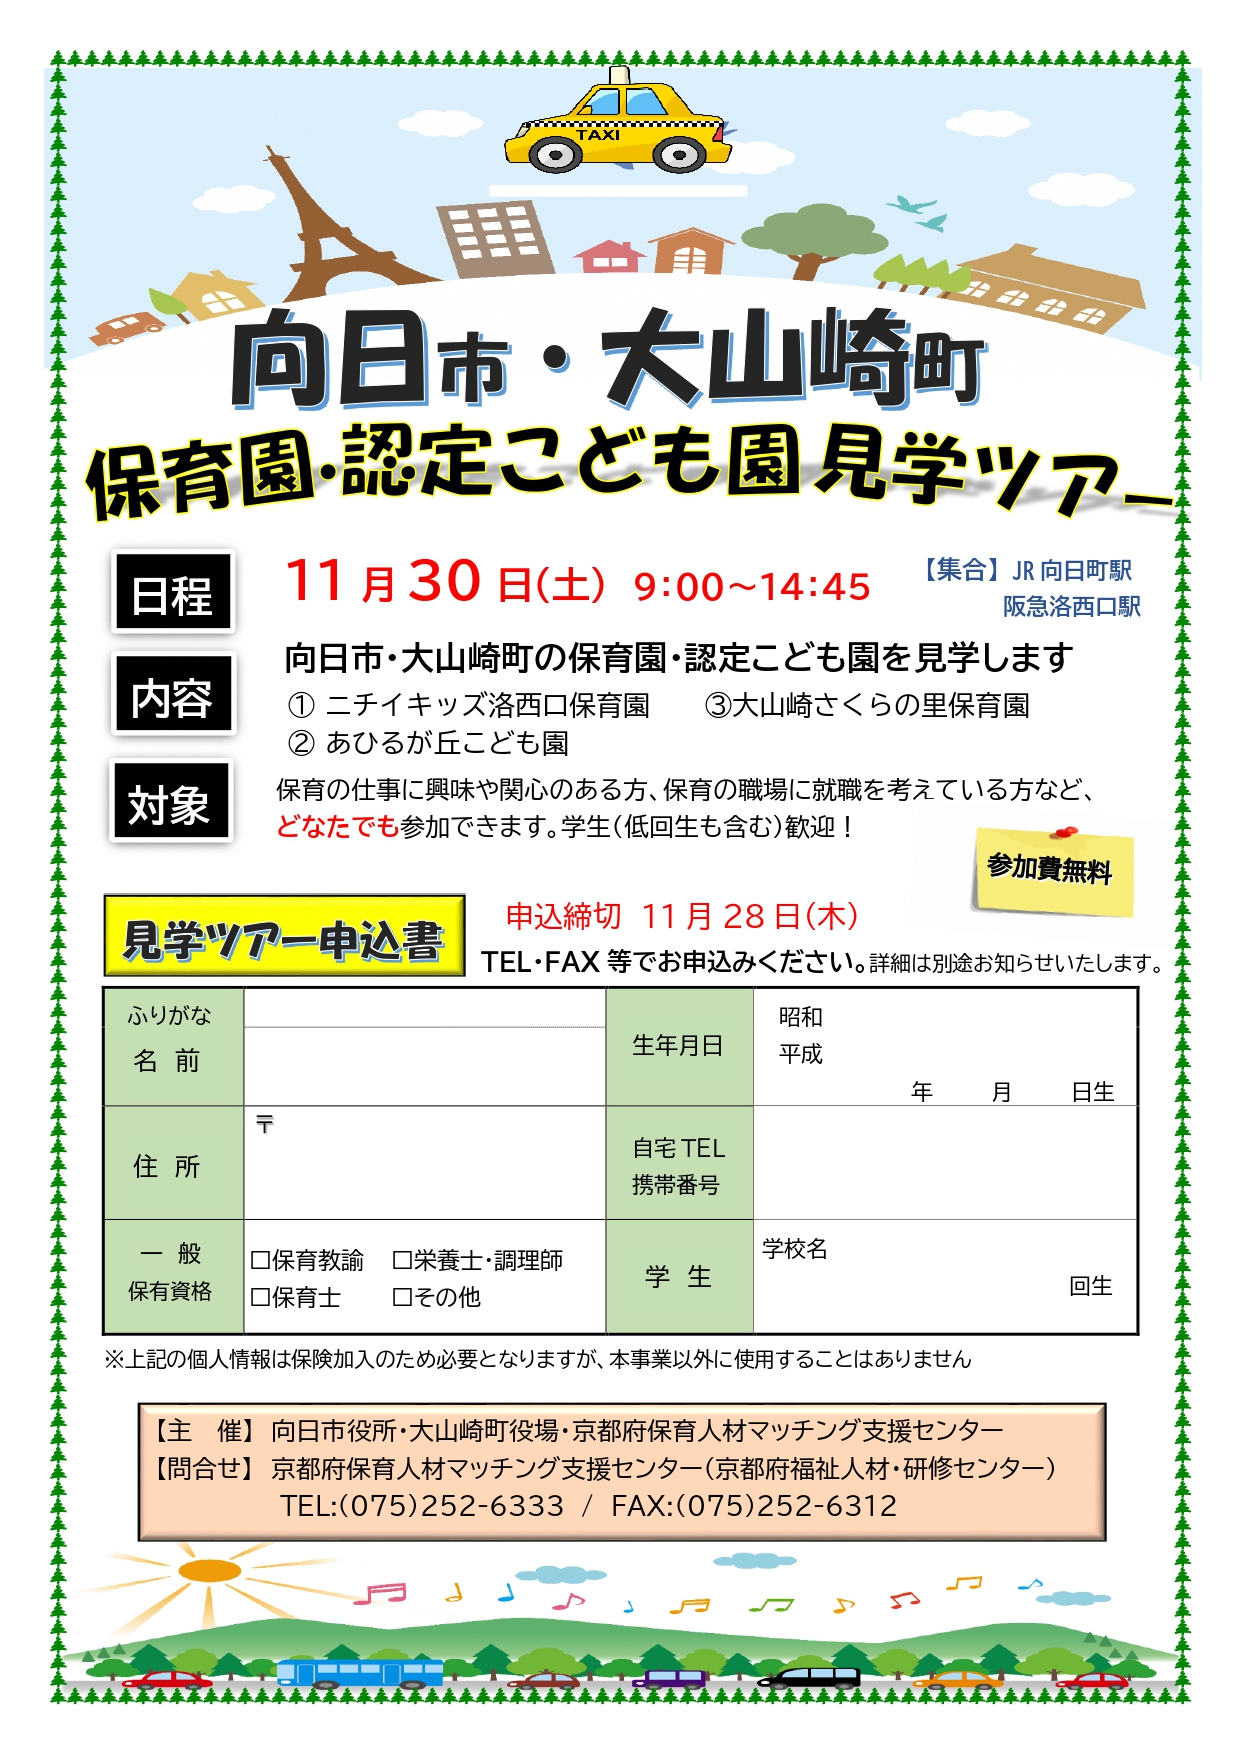 【11月30日開催】向日市・大山崎町 保育園・認定こども園見学ツアー